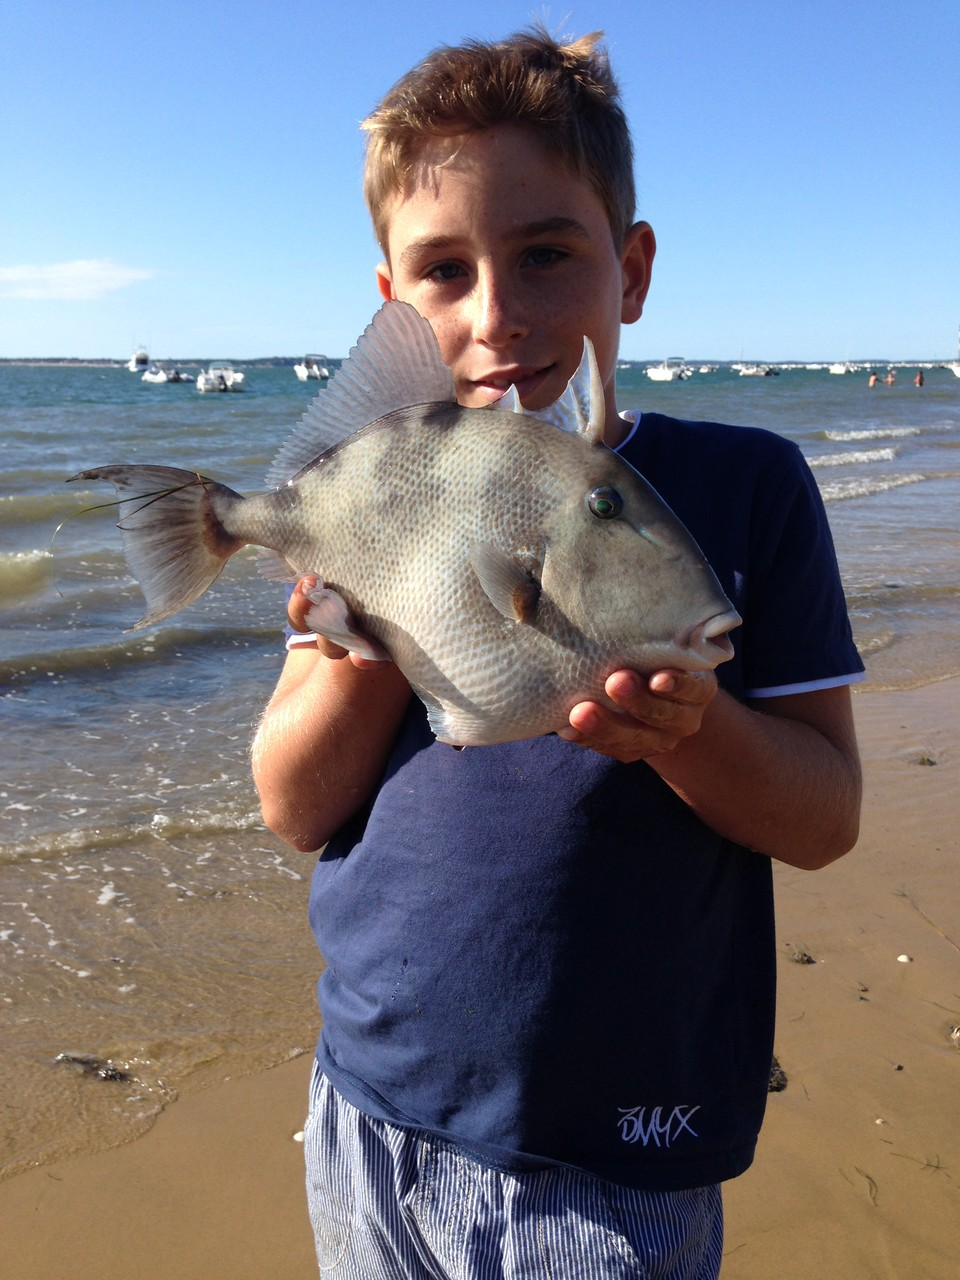 Un baliste pris sur les plages de Pyla